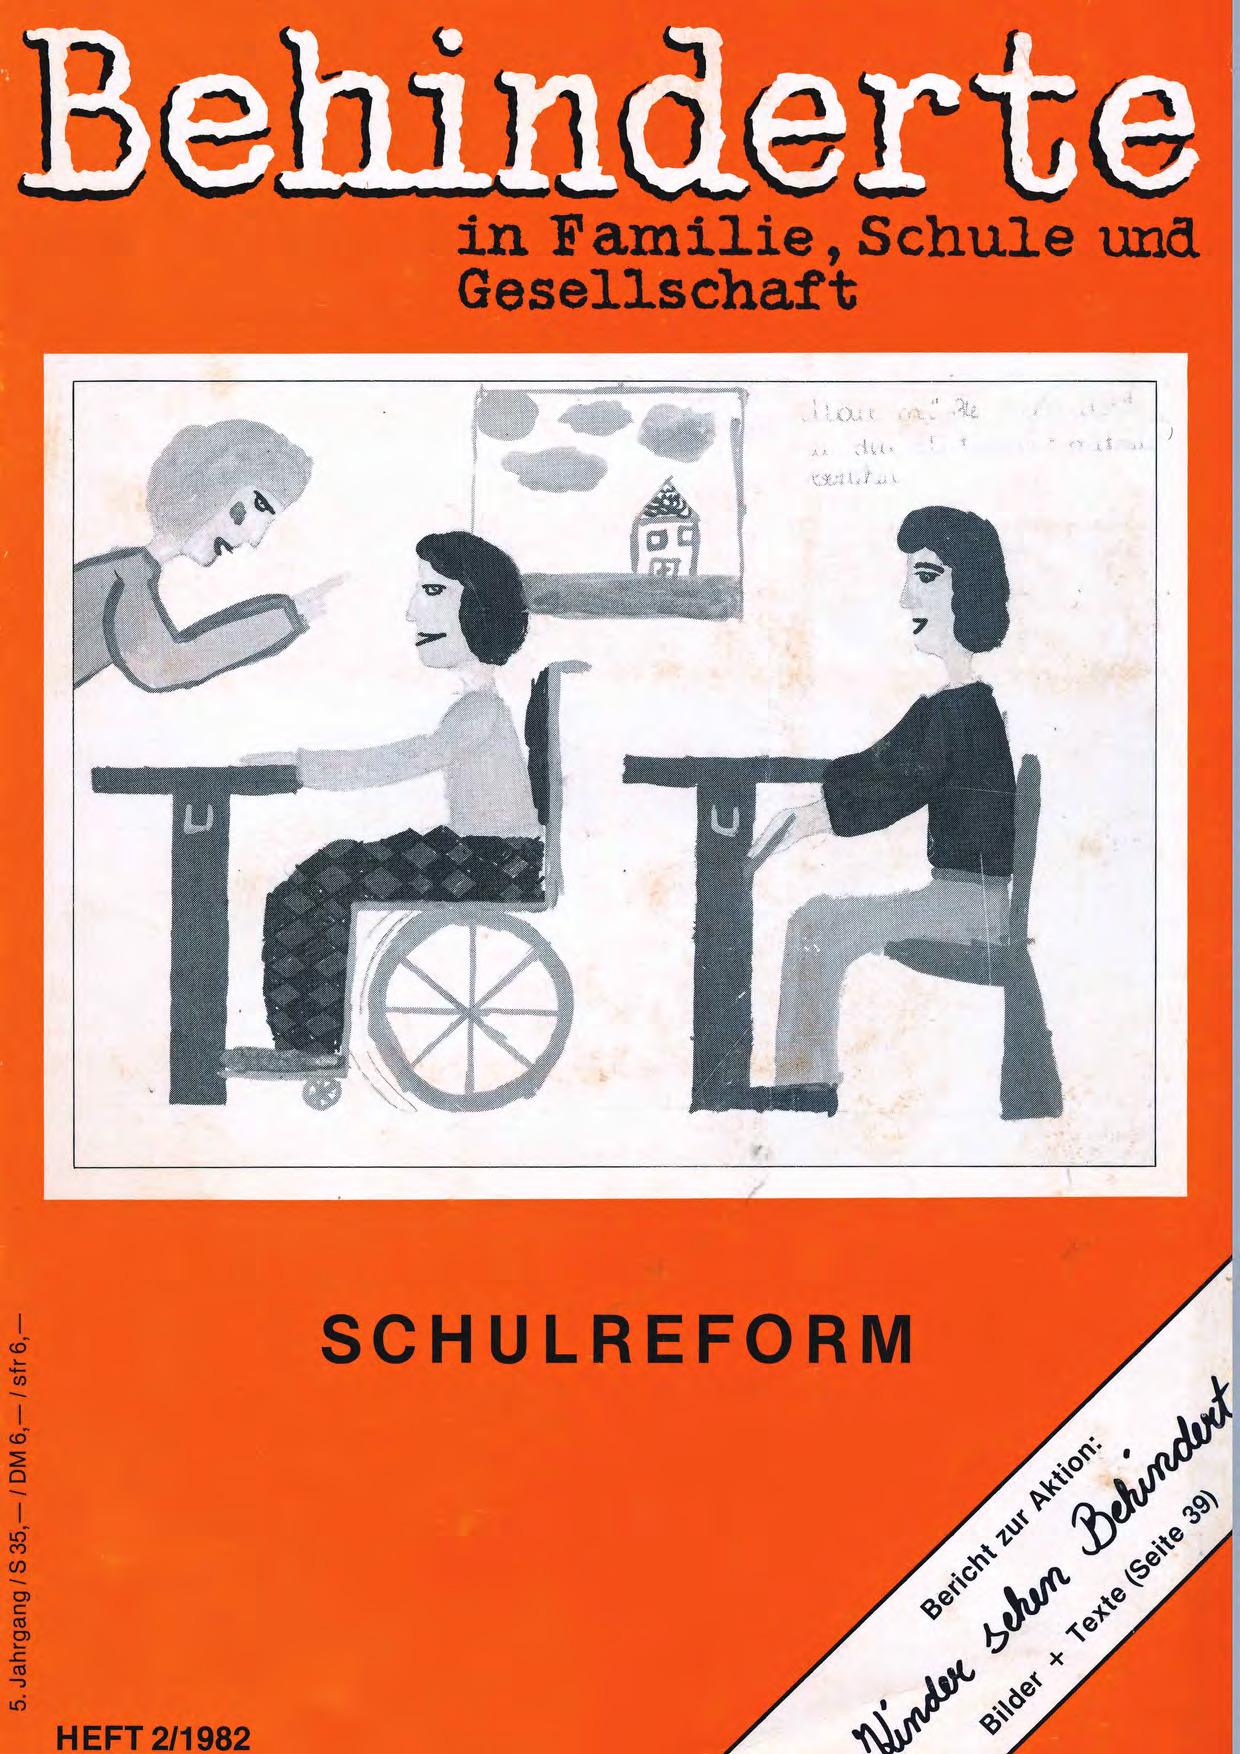 """Titelbild der Zeitschrift BEHINDERTE MENSCHEN, Ausgabe 2/1982 """"Schulreform"""""""